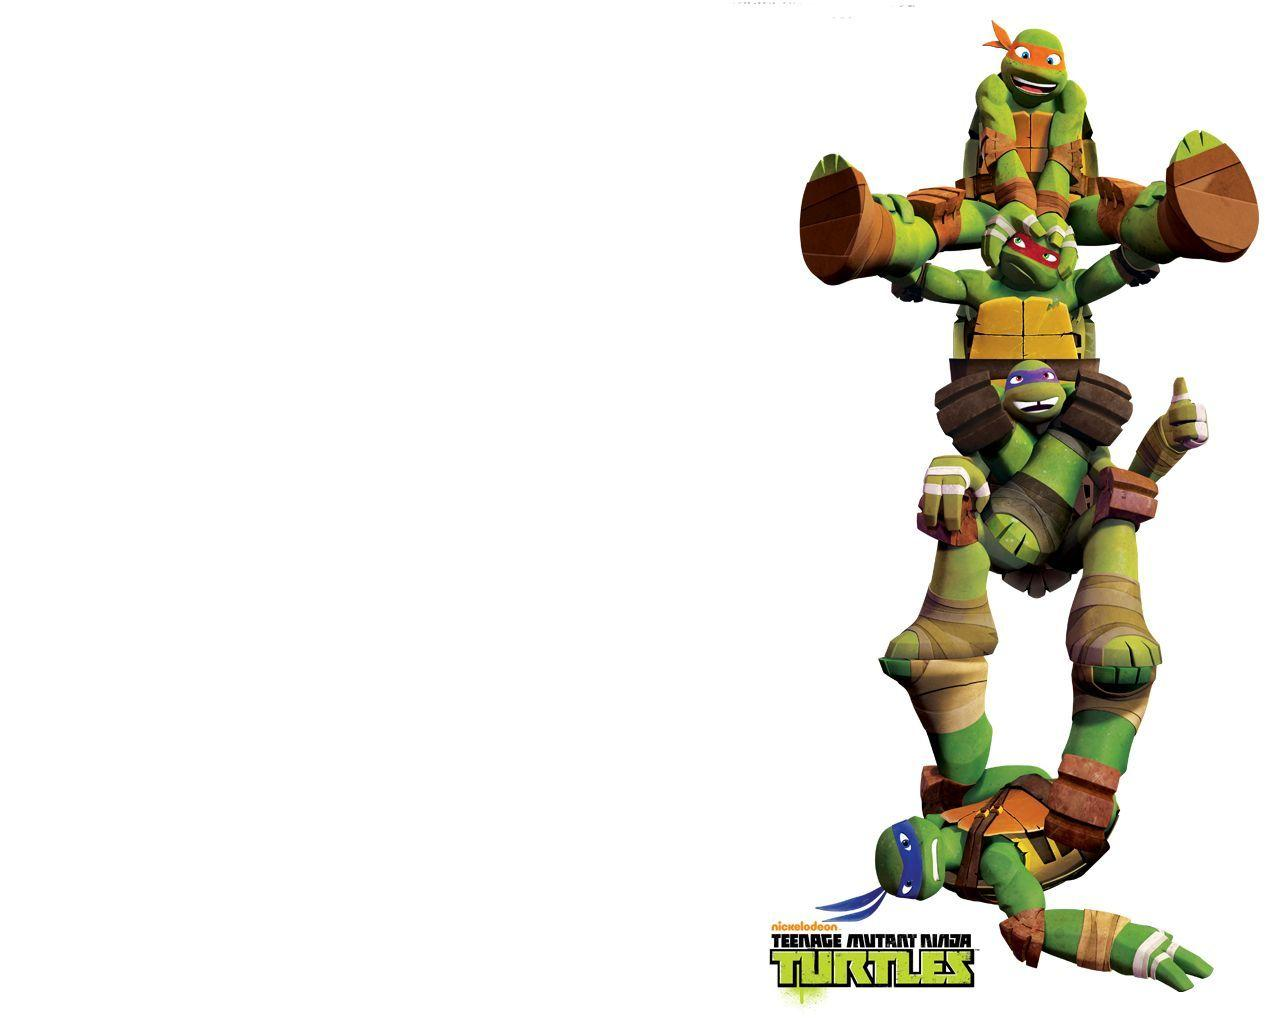 Teenage Mutant Ninja Turtles 2017 Wallpapers 1280x1024